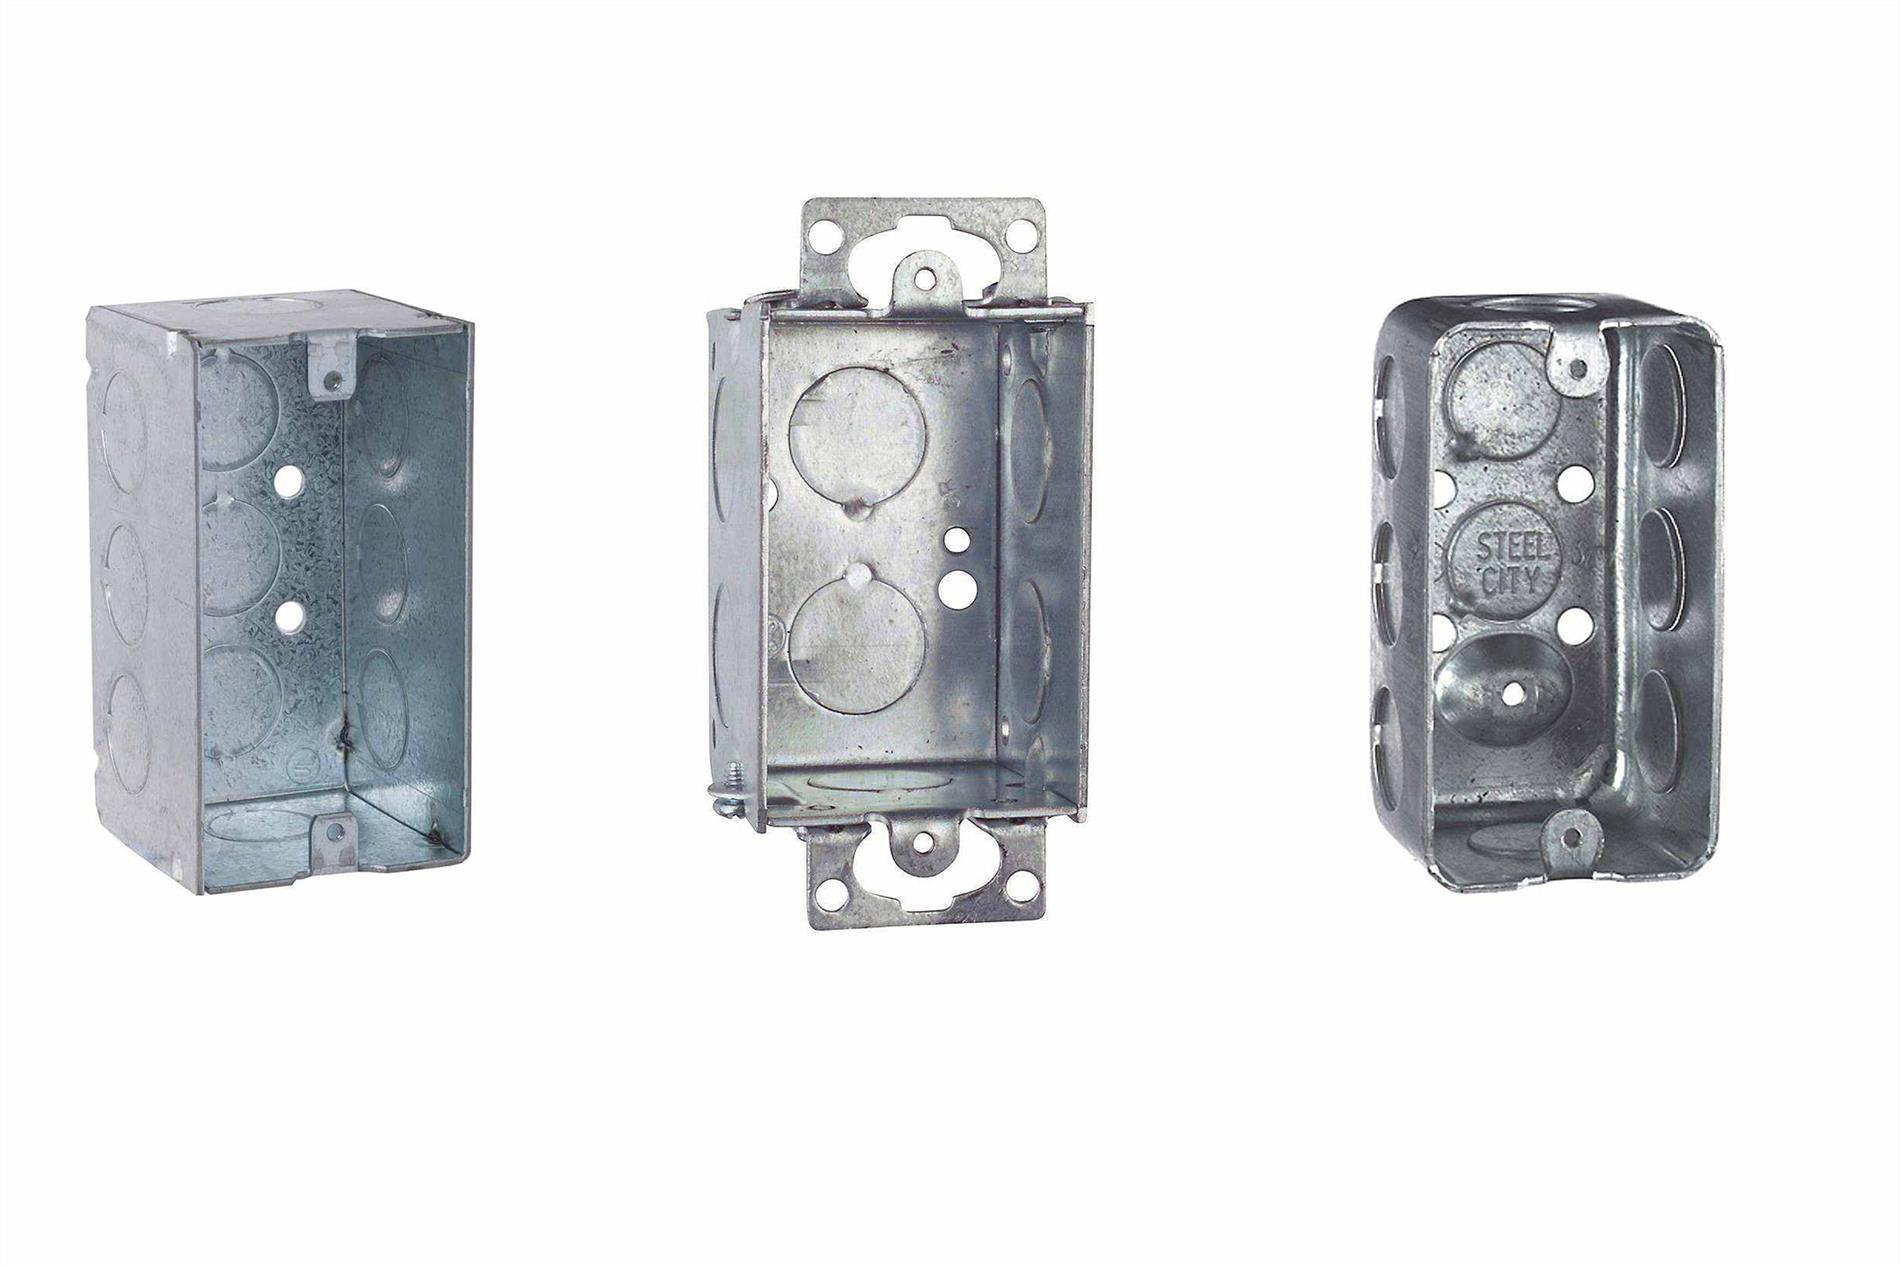 انواع مختلف باکس های فلزی  - گروه صنعتی ایران فلز